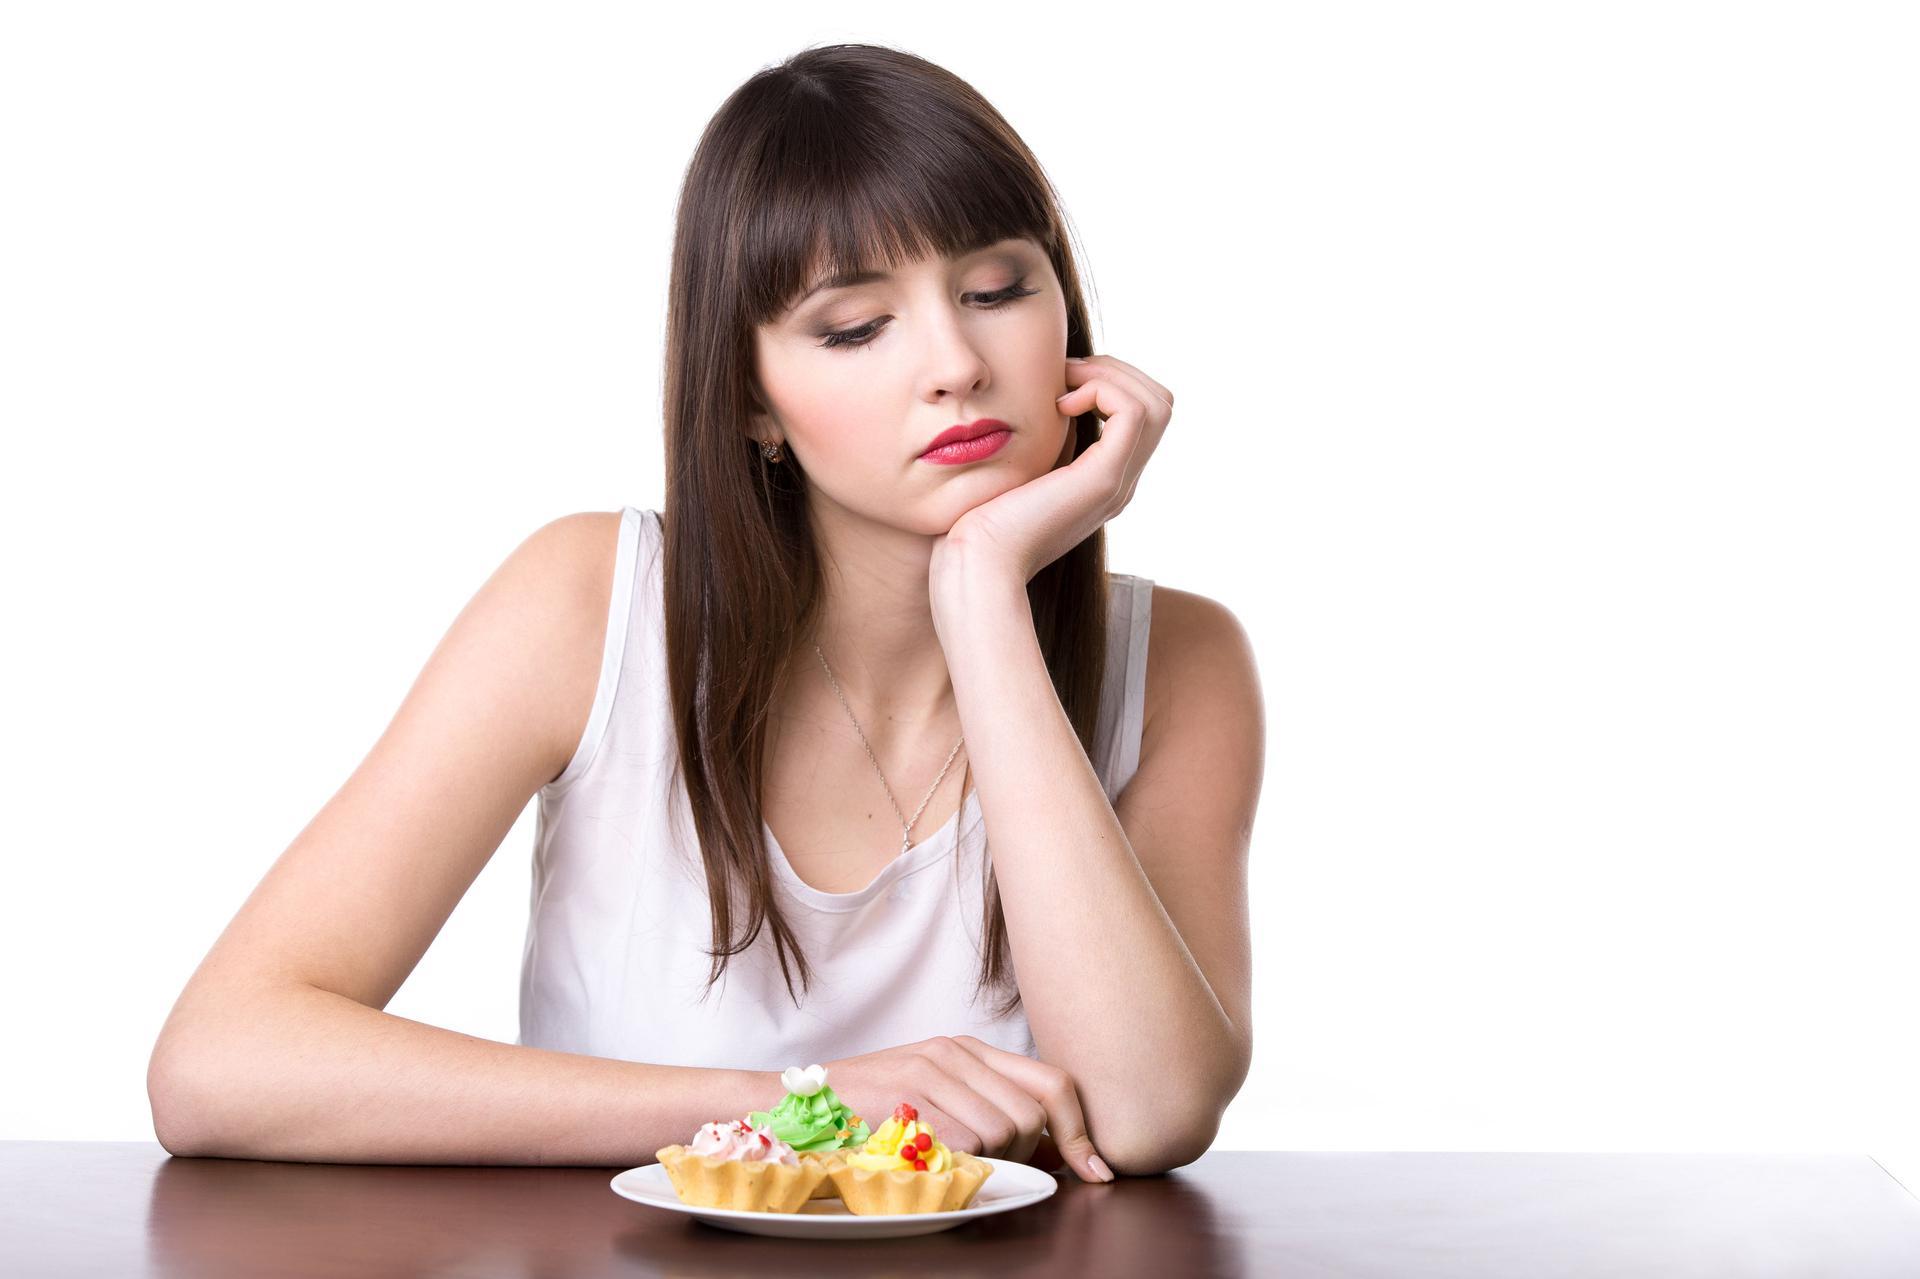 Dieta W Depresji Zasady Odzywiania W Profilaktyce I Przebiegu